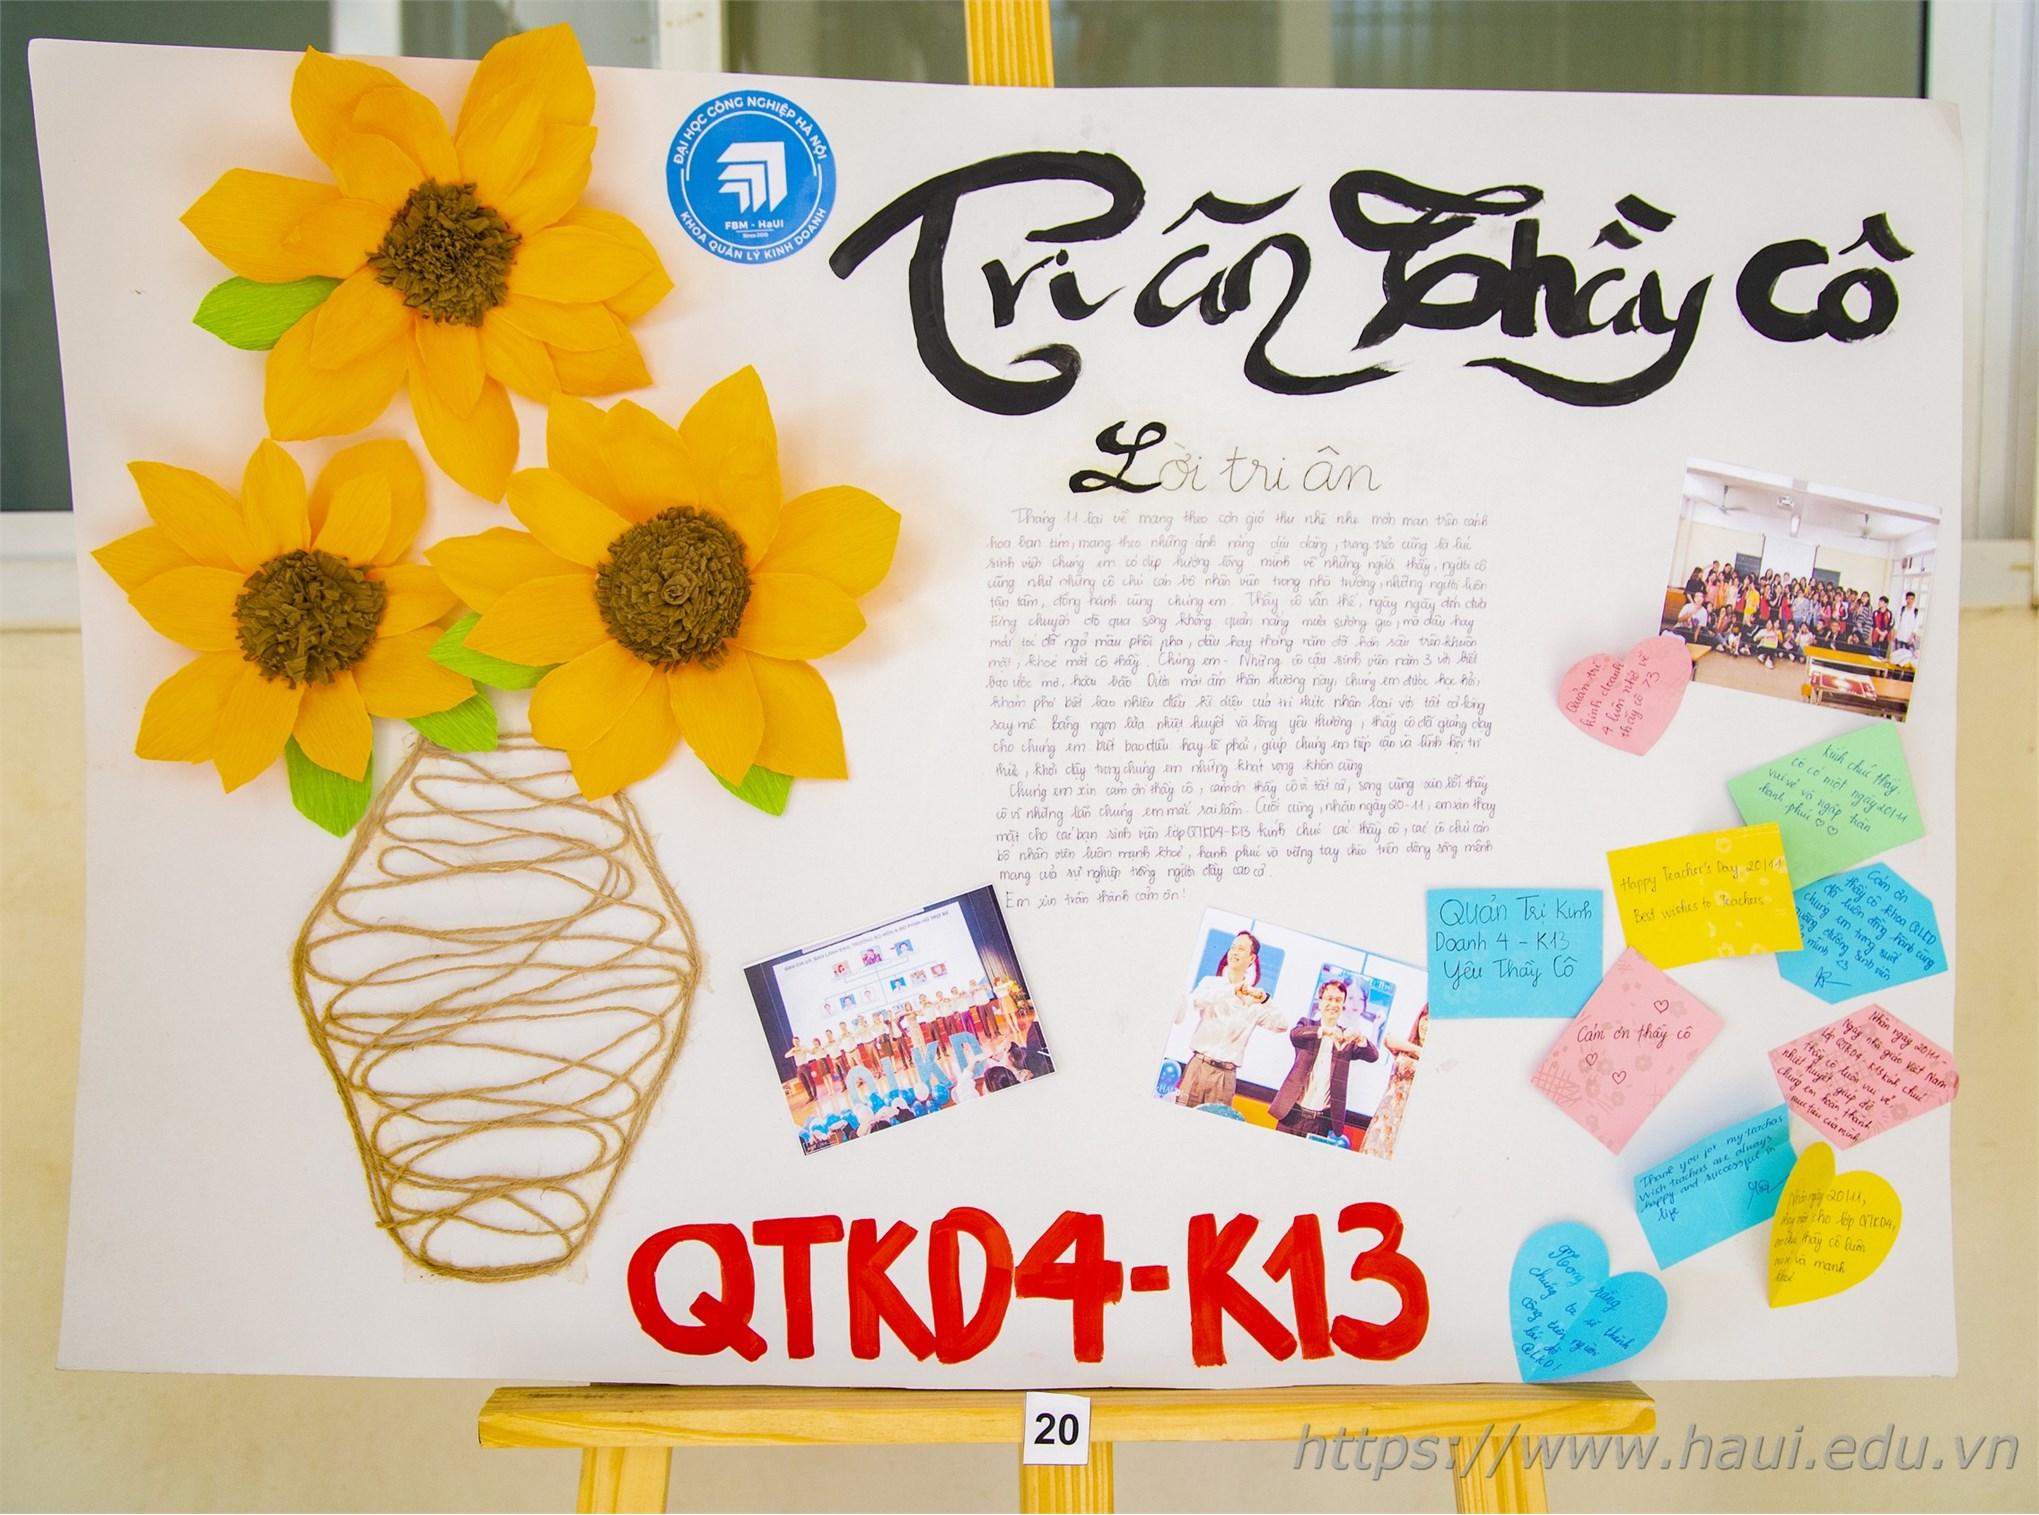 Cuộc thi thiệp tri ân của sinh viên khoa QLKD, ĐHCNHN